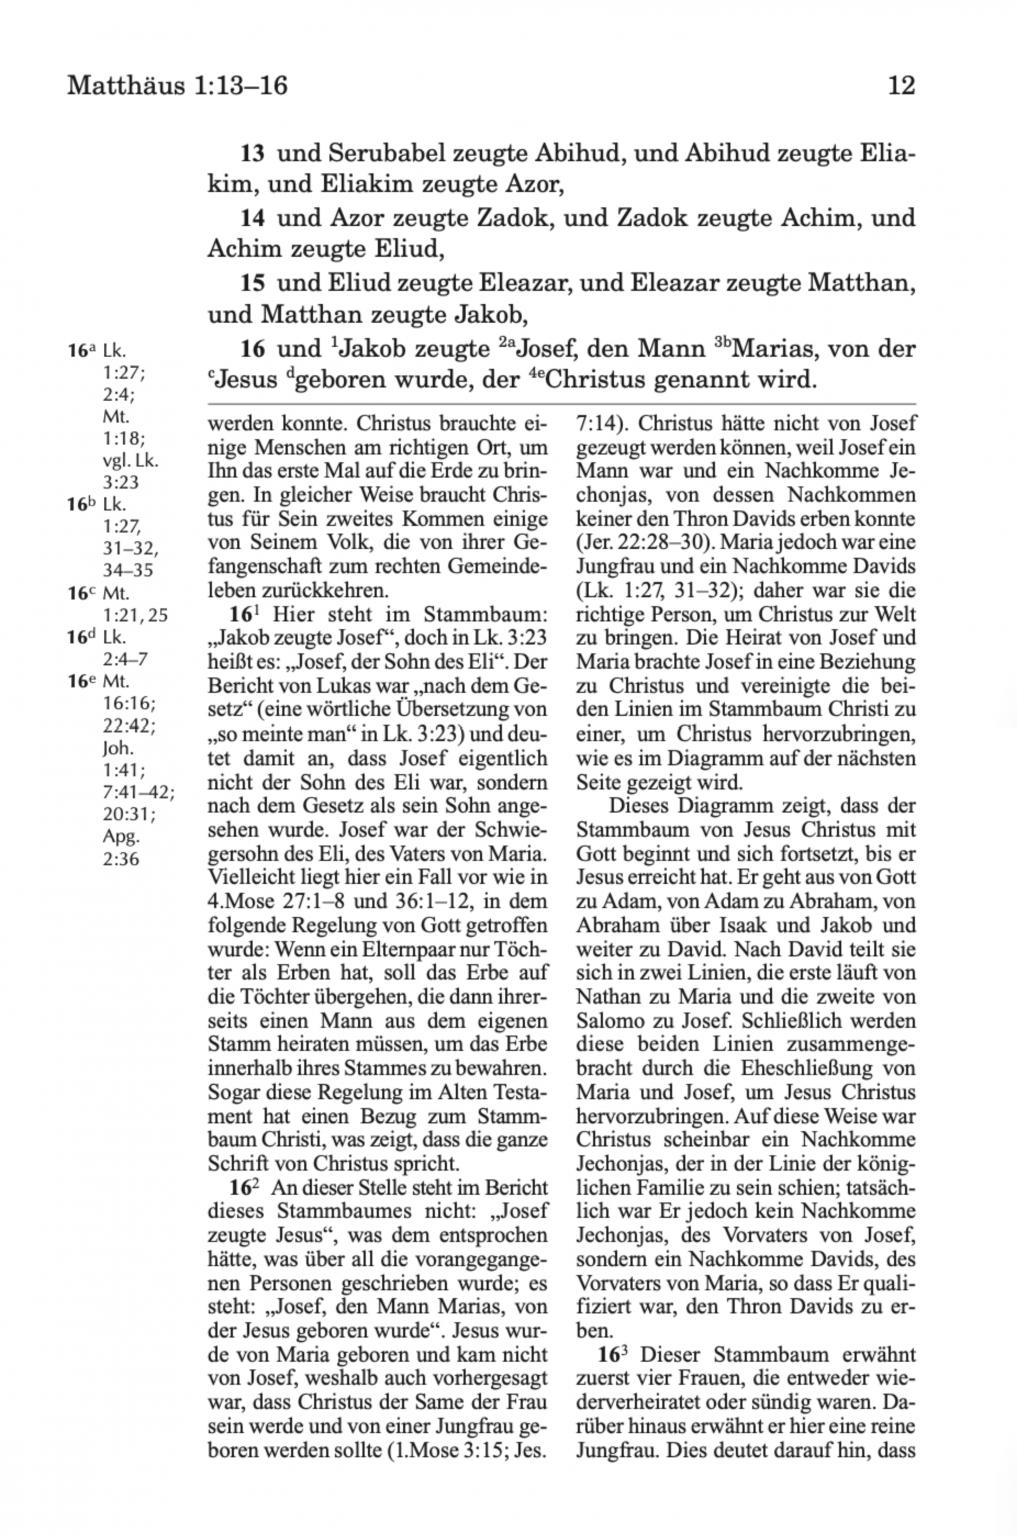 RvB page 12